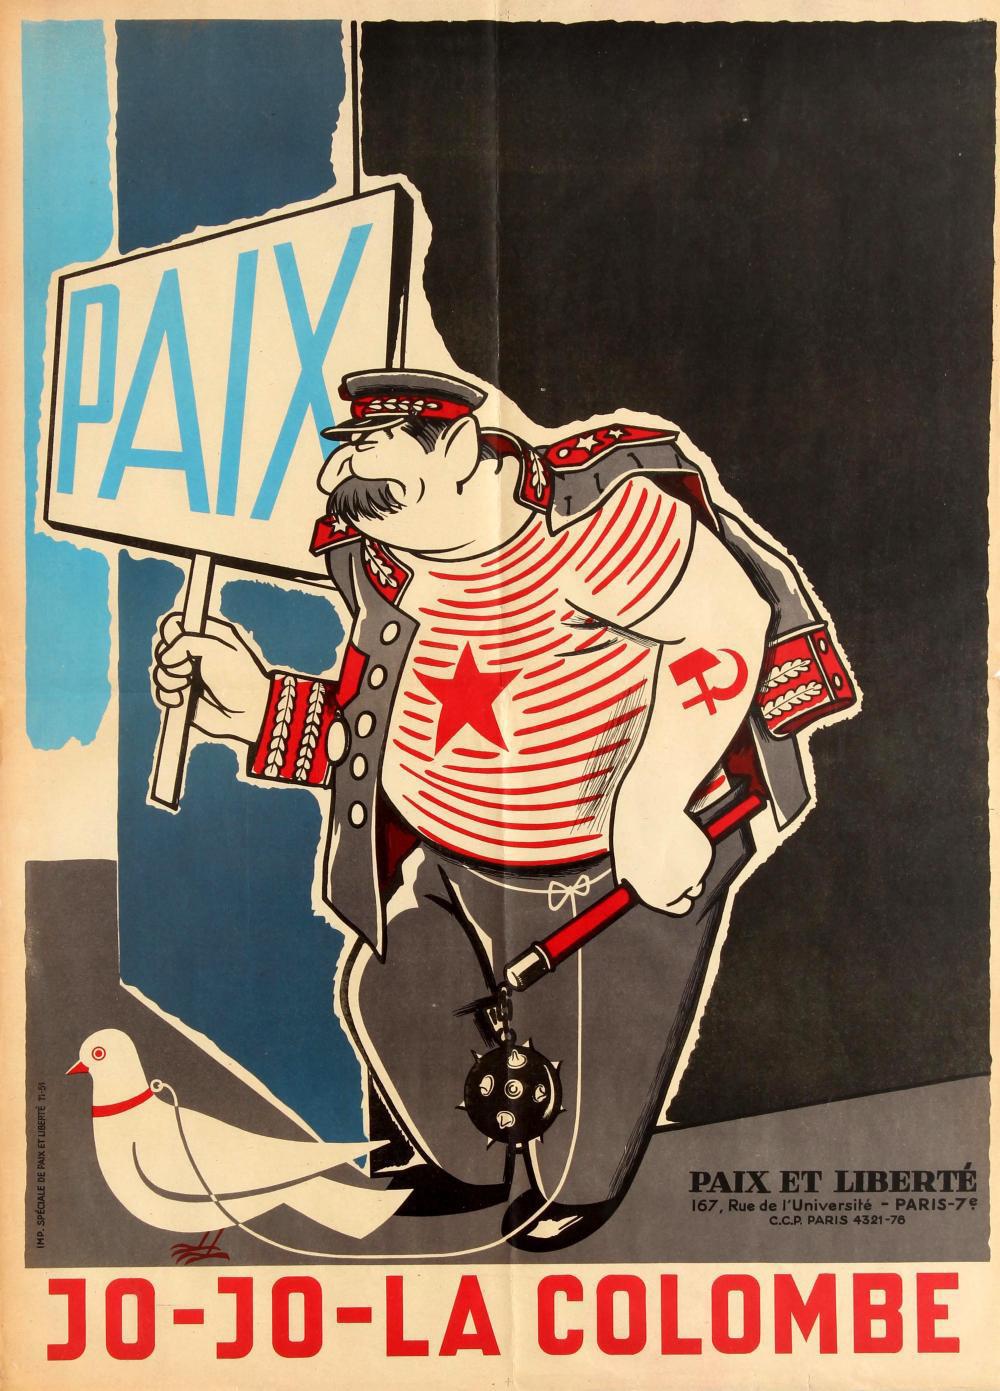 Cette affiche française de 1951 représente Staline prônant la paix avec des intentions réelles beaucoup plus sinistres.